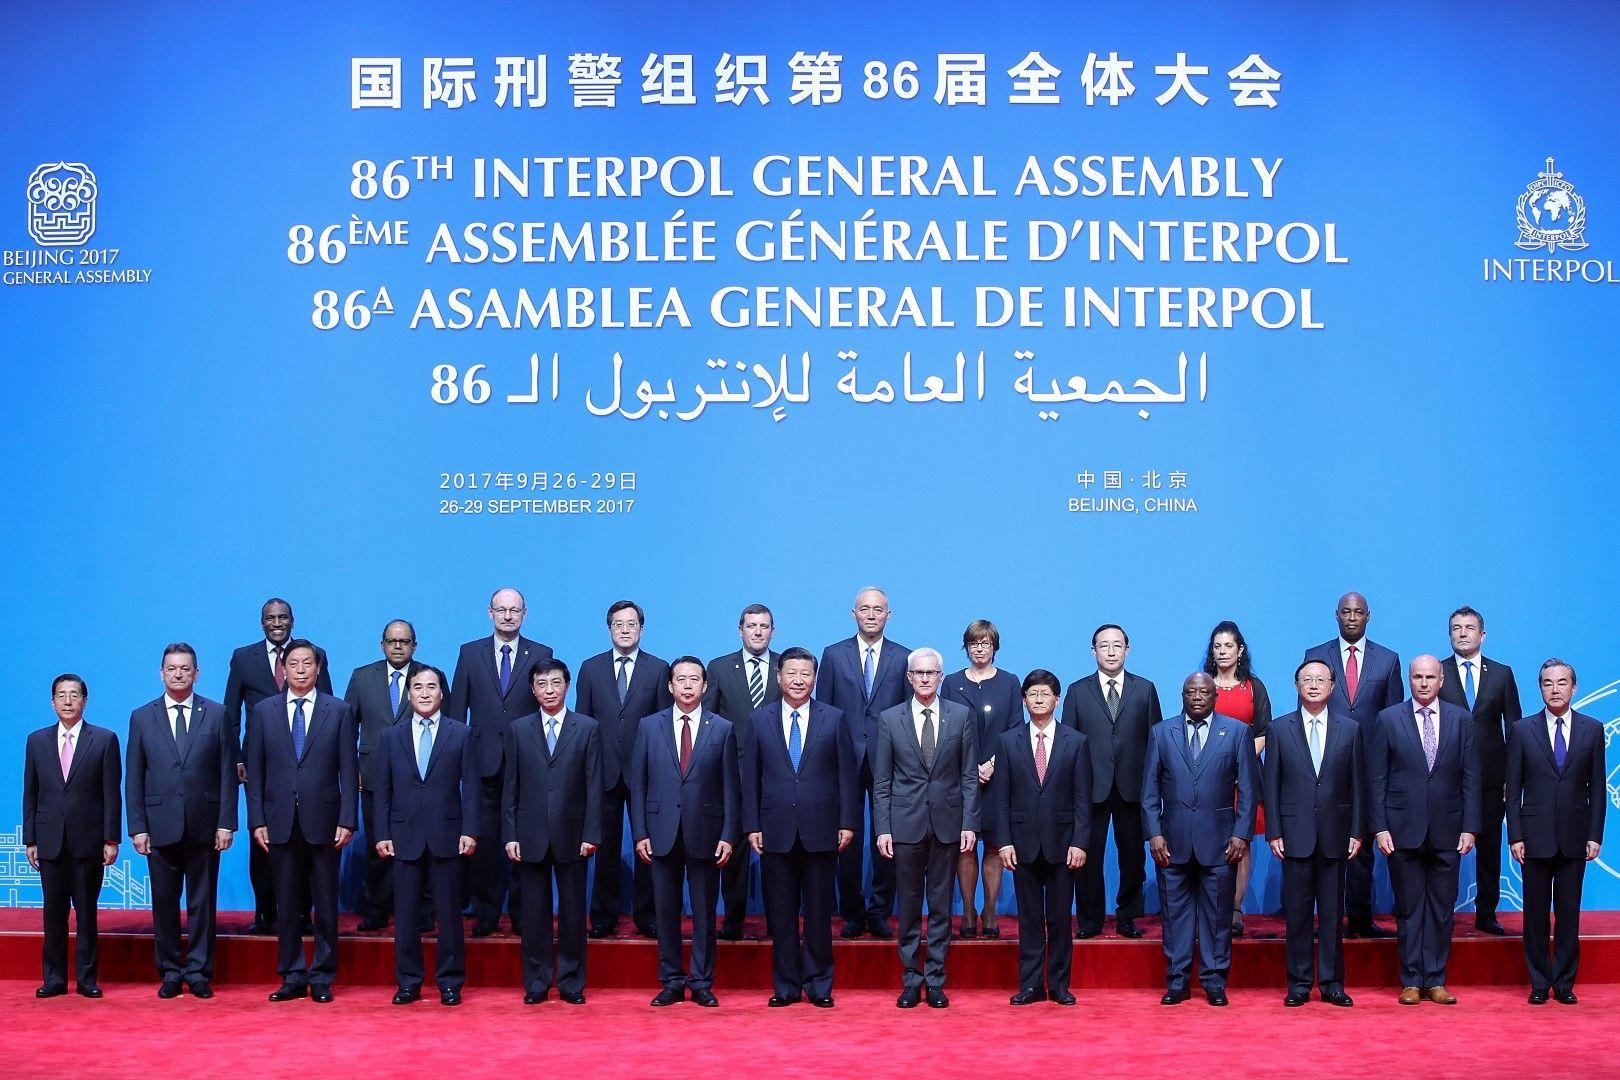 Годишната асамблея на Интерпол в Пекин, 26 септември 2017 г. Мън Хунвей е вляво от президента на Китай Си Дзинпин на предния ред